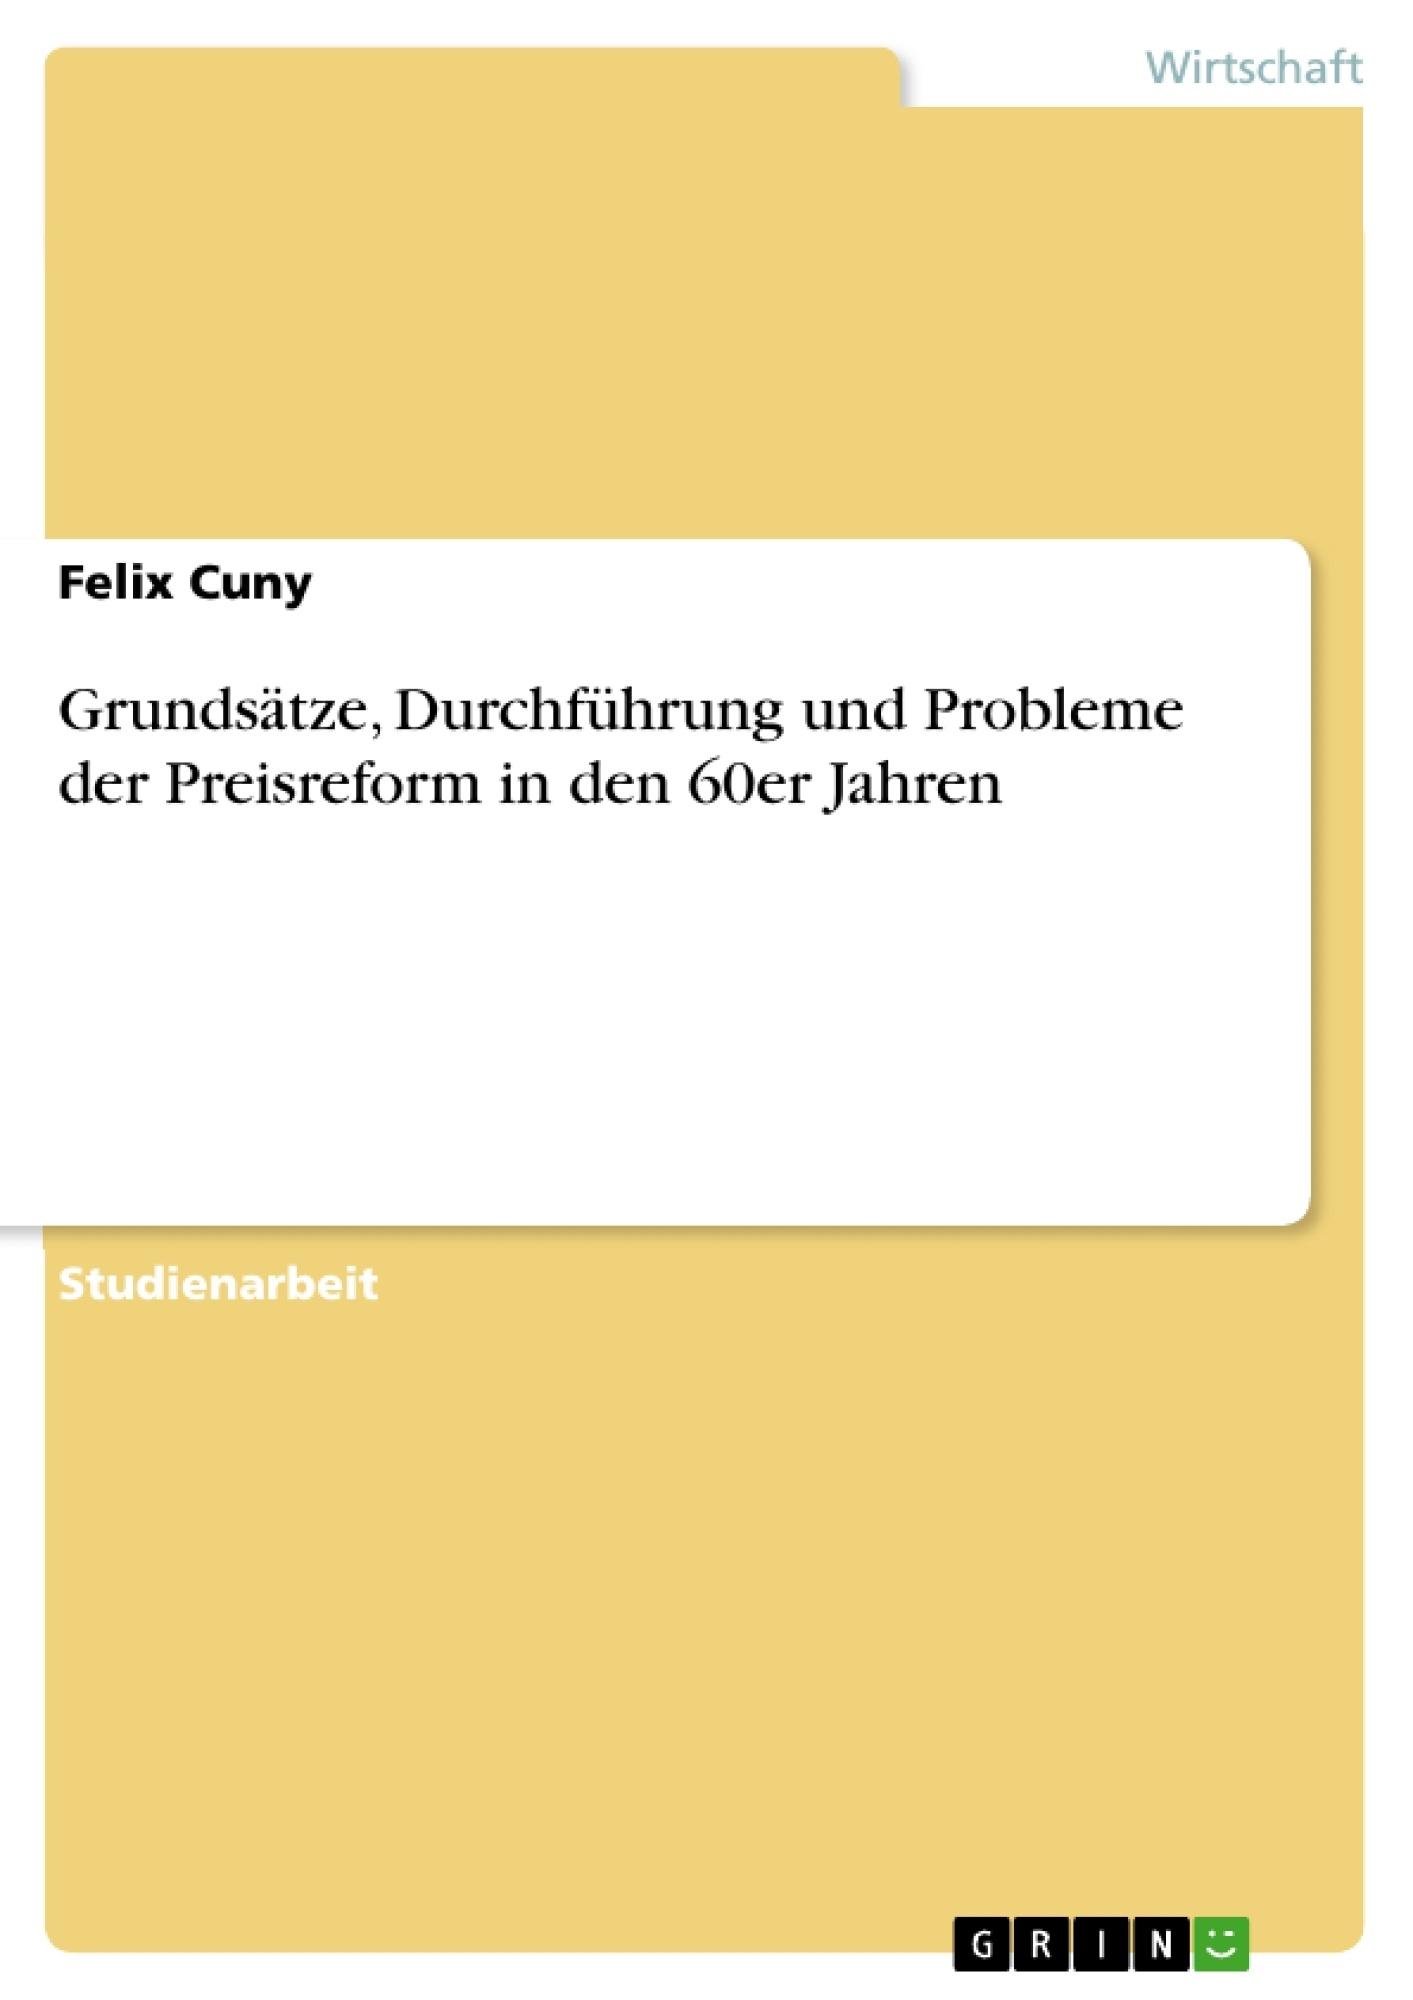 Titel: Grundsätze, Durchführung und Probleme der Preisreform in den 60er Jahren